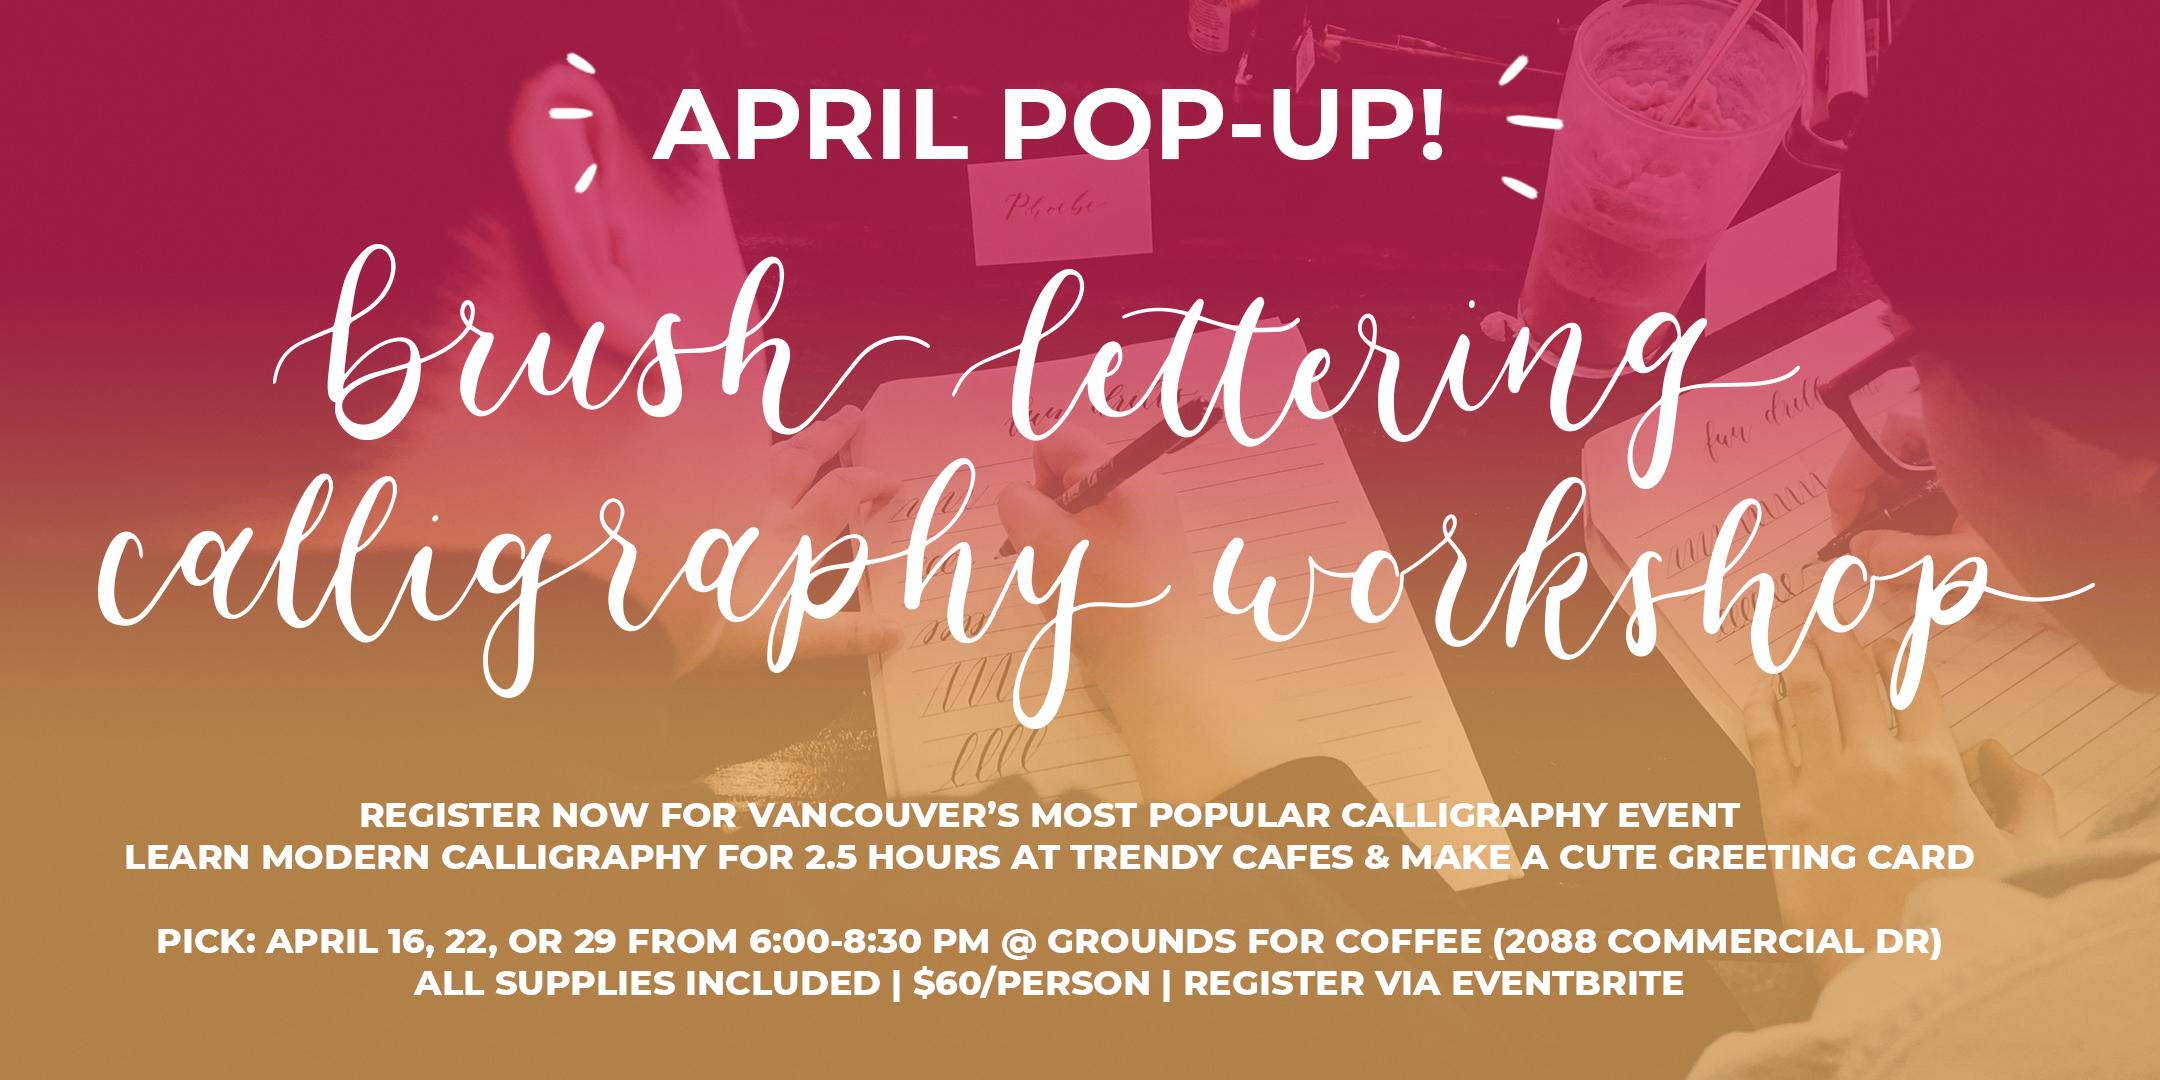 Vancouver *APRIL* Brush Lettering CALLIGRAPHY Art Workshops